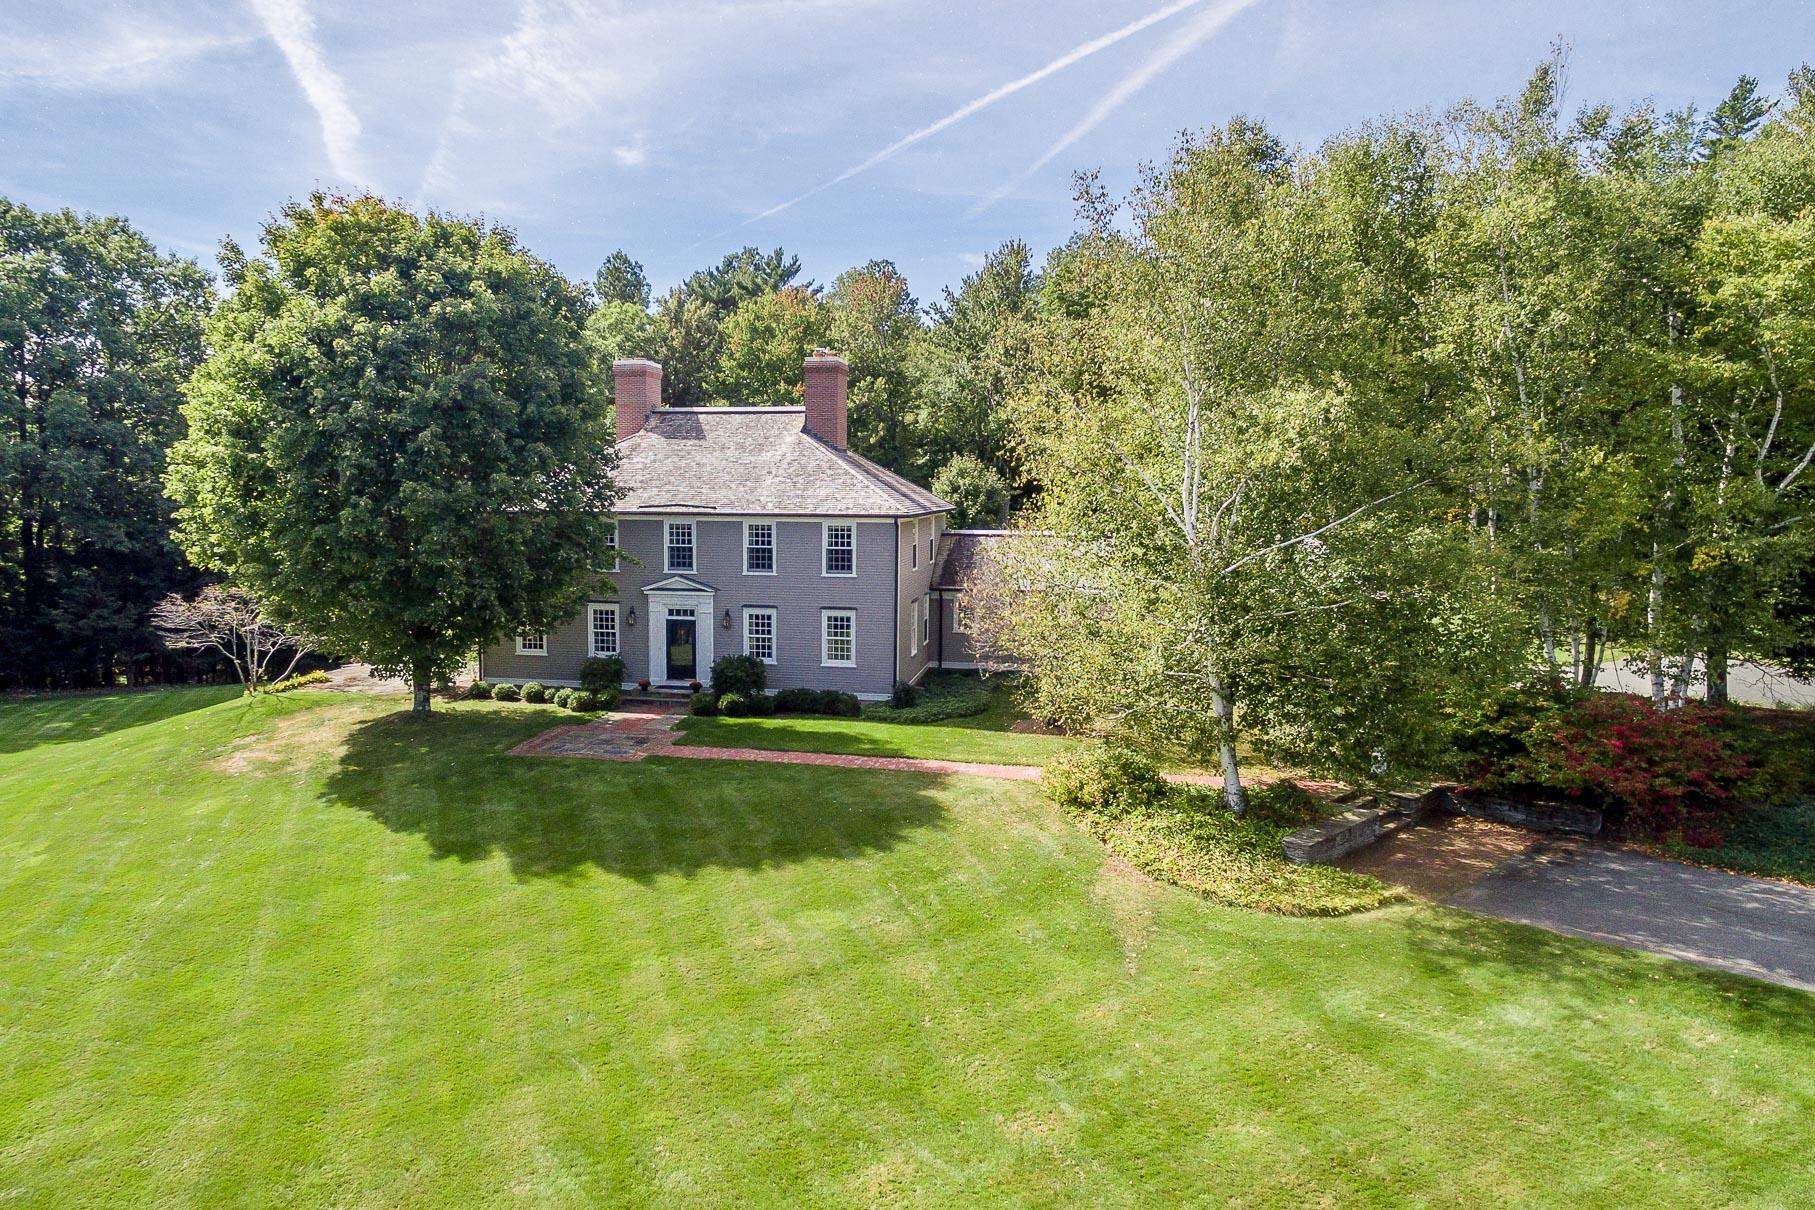 Maison unifamiliale pour l Vente à 2 Parade Ground Road, Etna 2 Parade Ground Rd Etna, New Hampshire, 03750 États-Unis